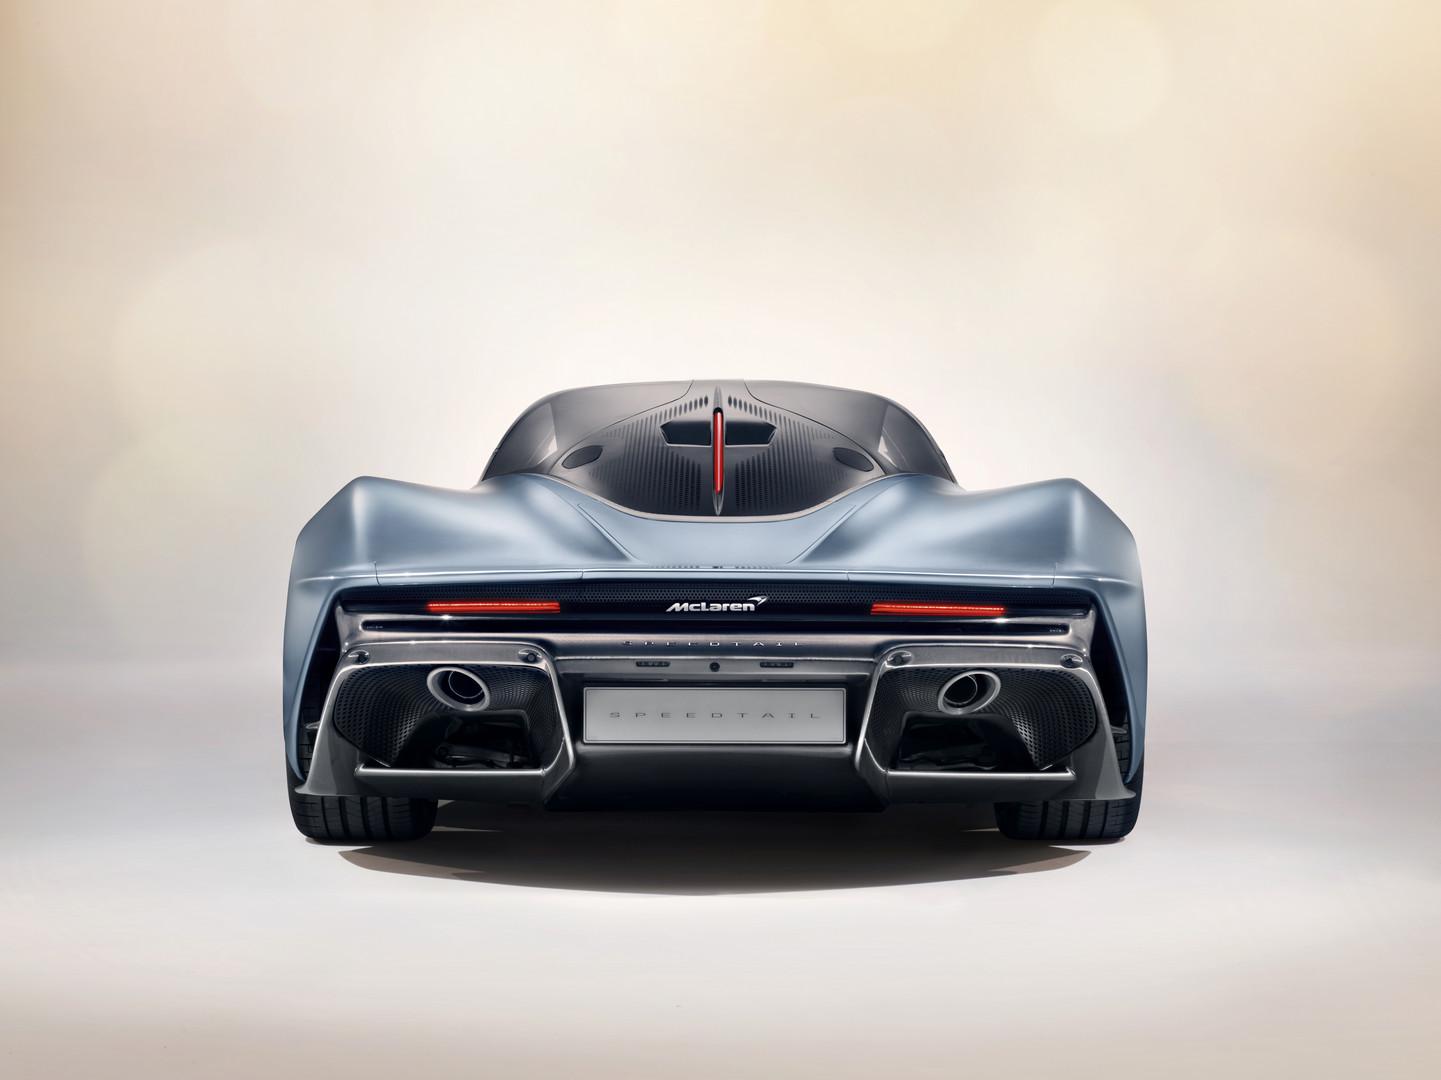 McLaren Speedtail Rear View